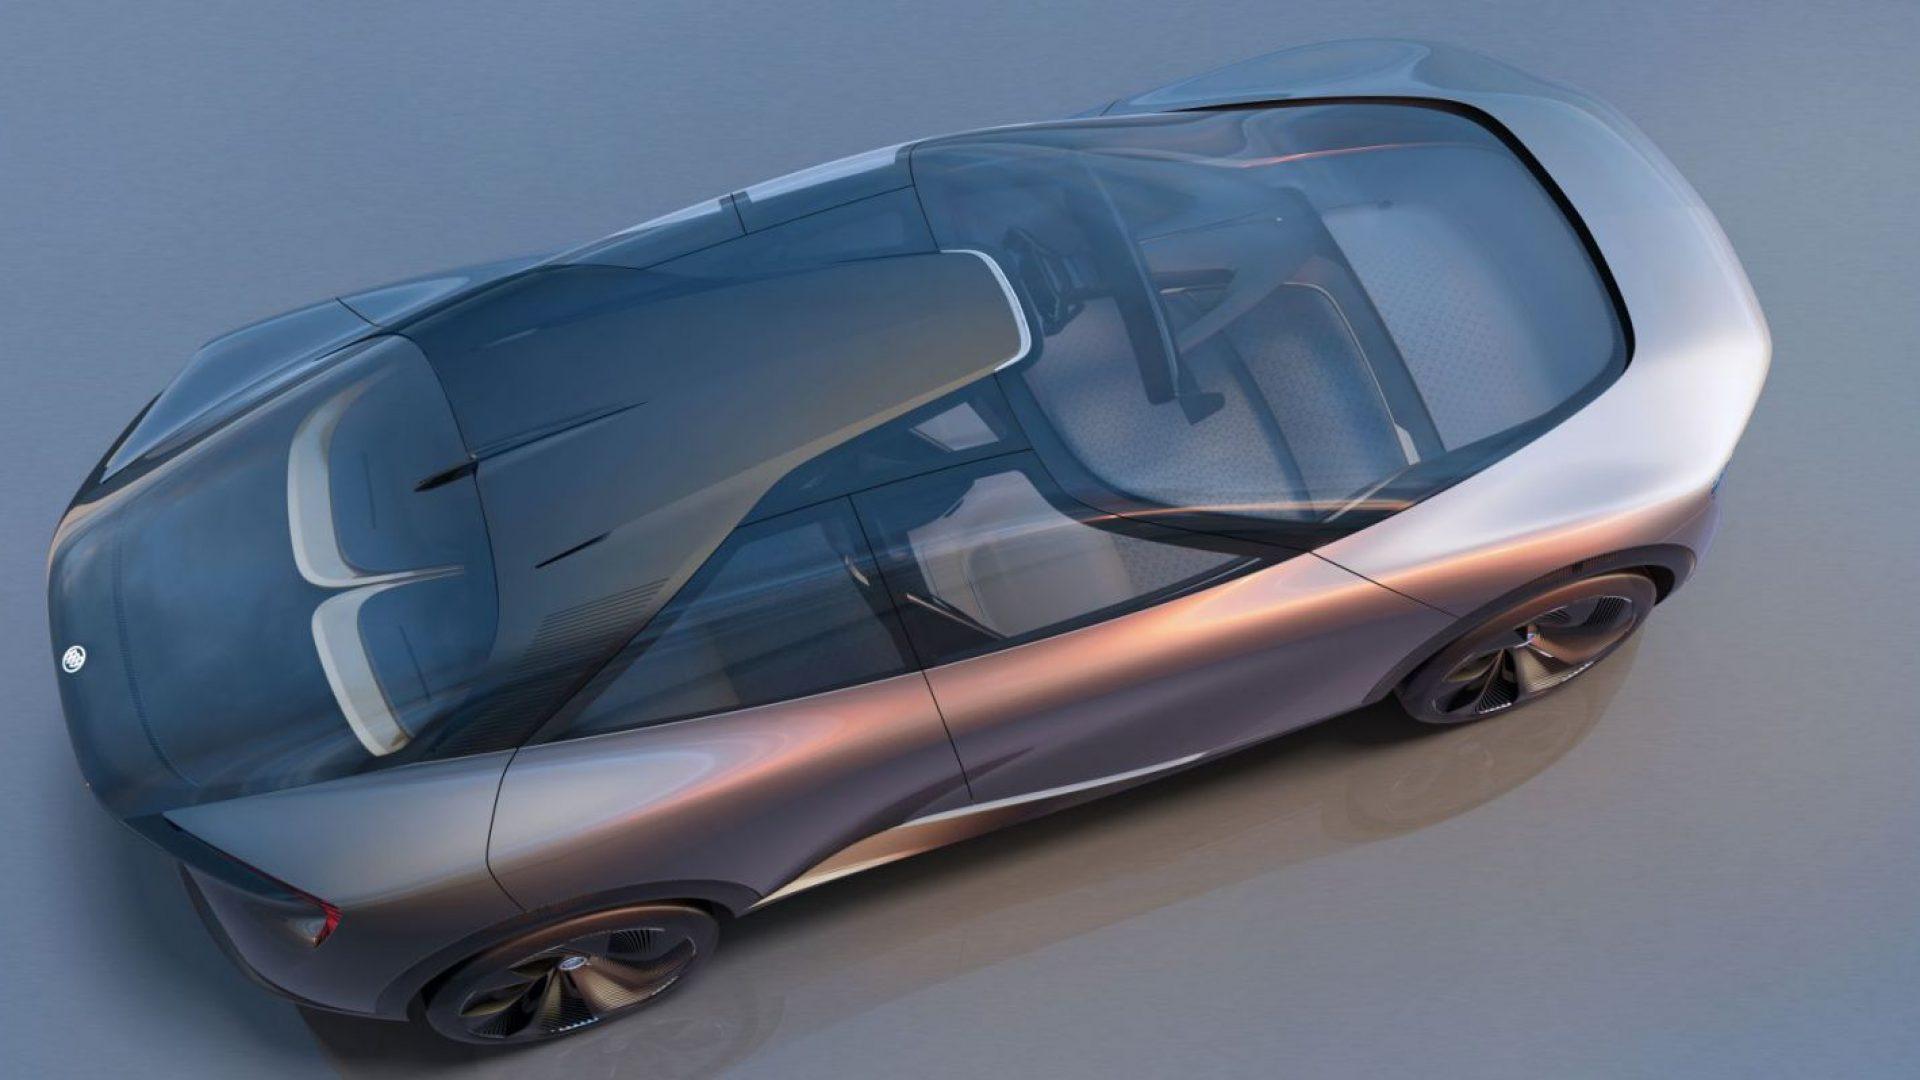 2020-Buick-Electra-Concept-08